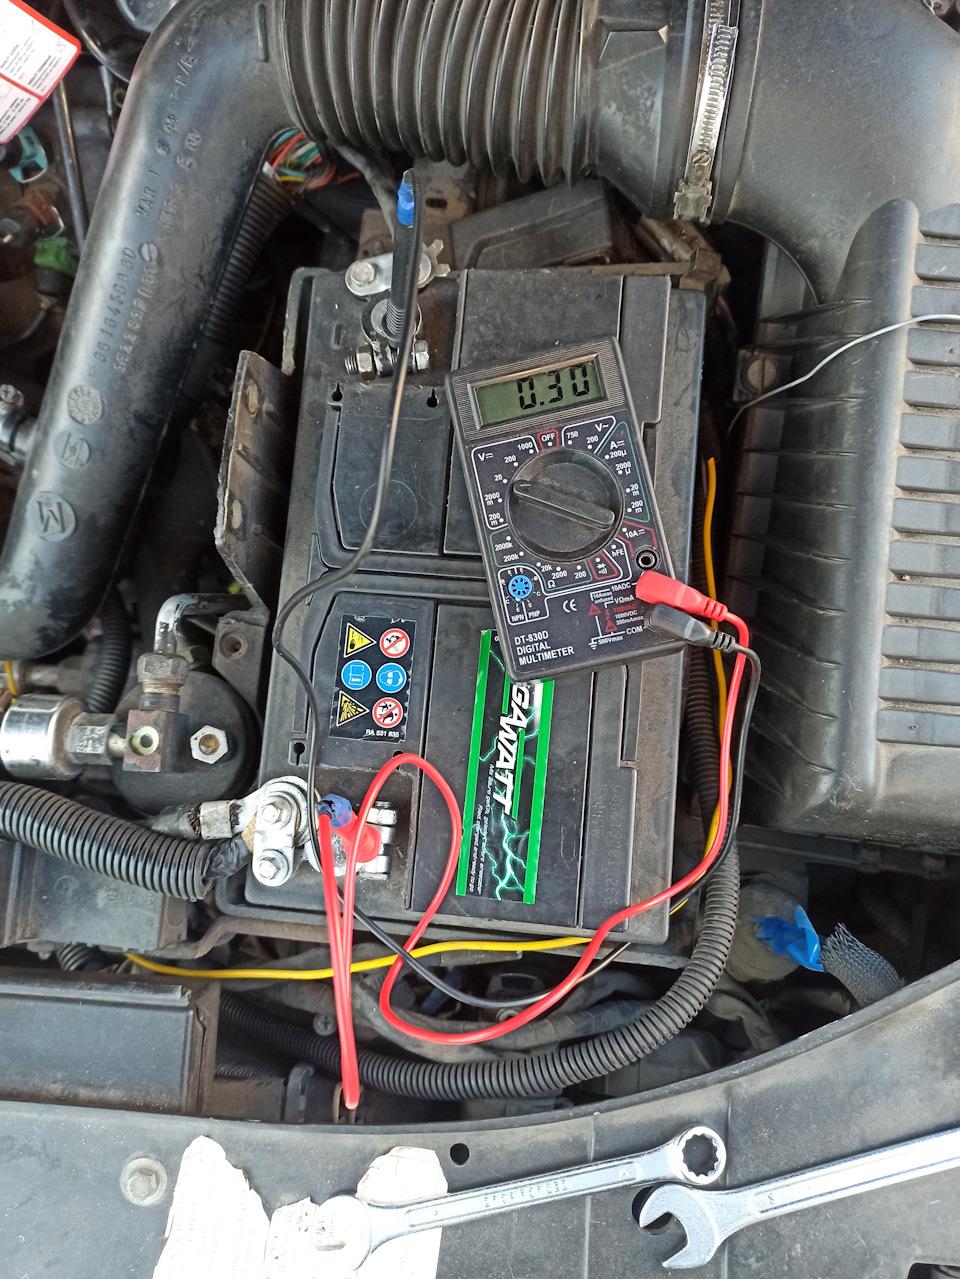 Проблемы с аккумулятором. Его конкретный разряд ((: